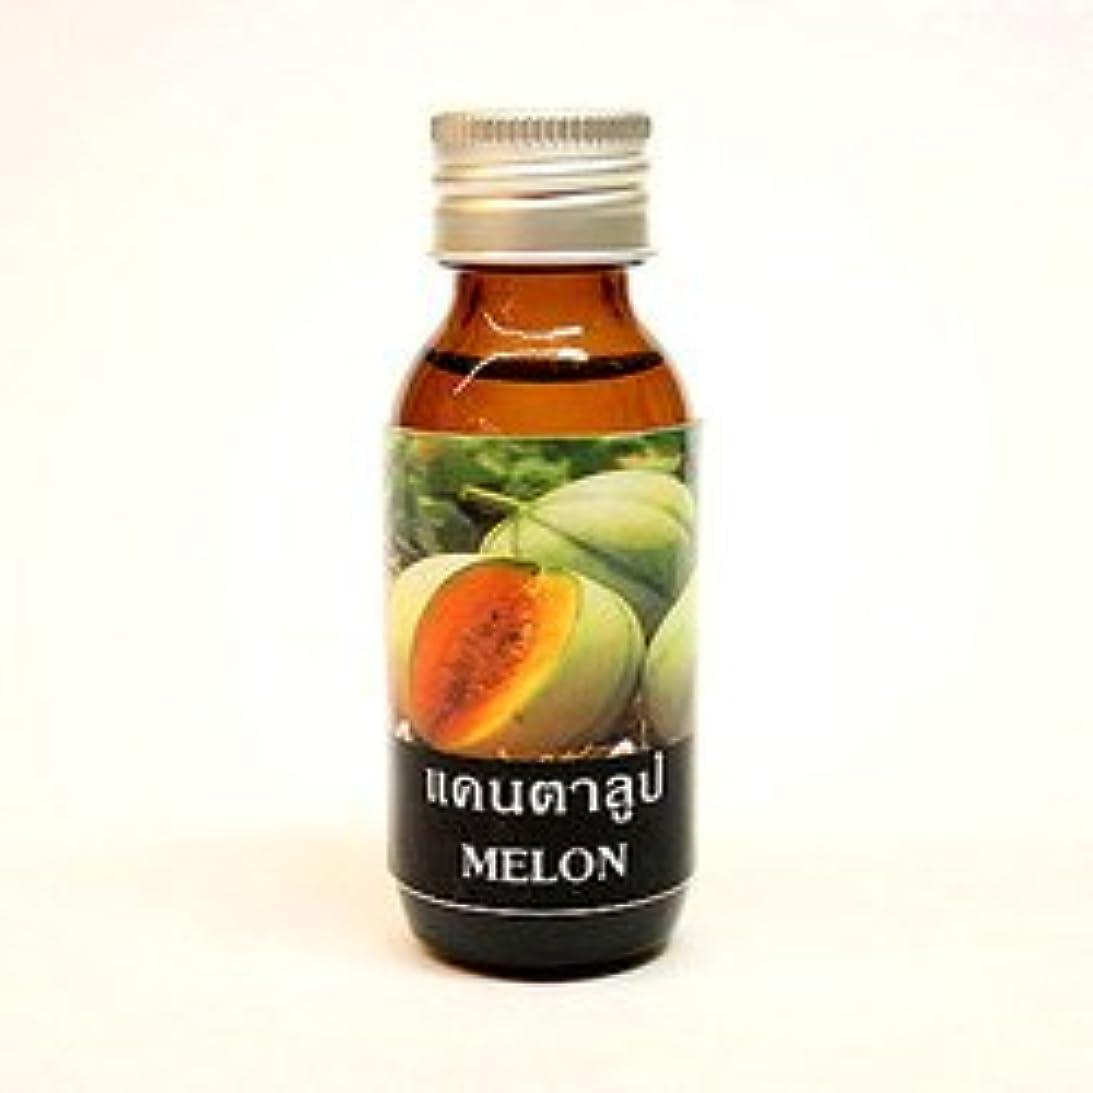 待って質量肥満メロン 〔MELON〕 アロマテラピーオイル 30ml アジアン雑貨